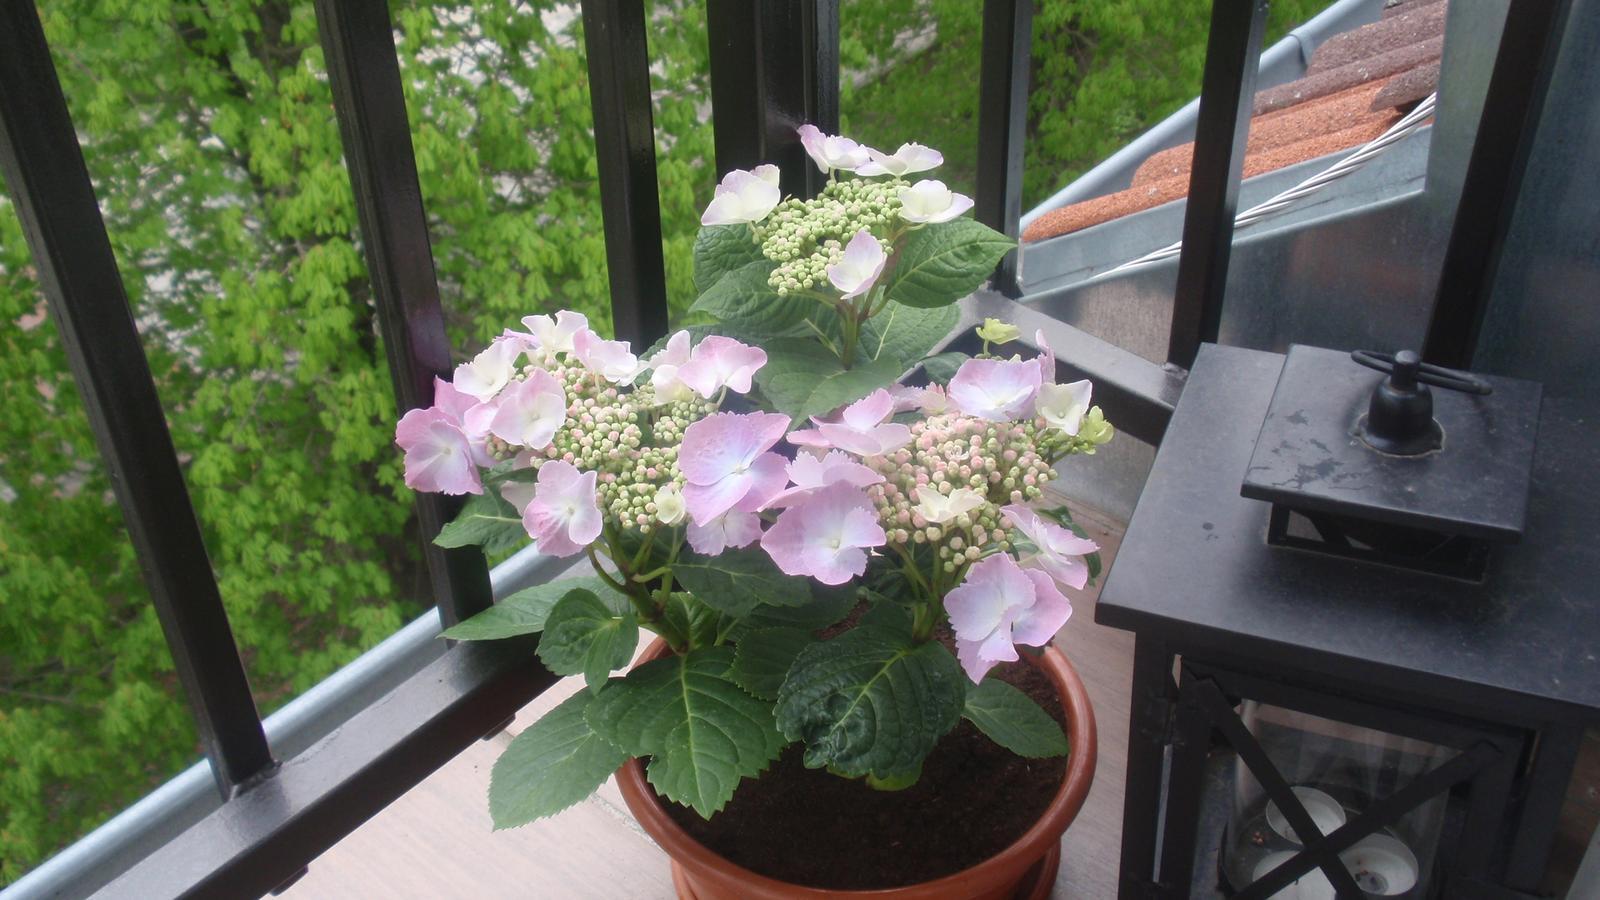 Balkónové radosti 🌹 - neodolala som hortenzii, tak dúfam, že sa jej bude dariť...